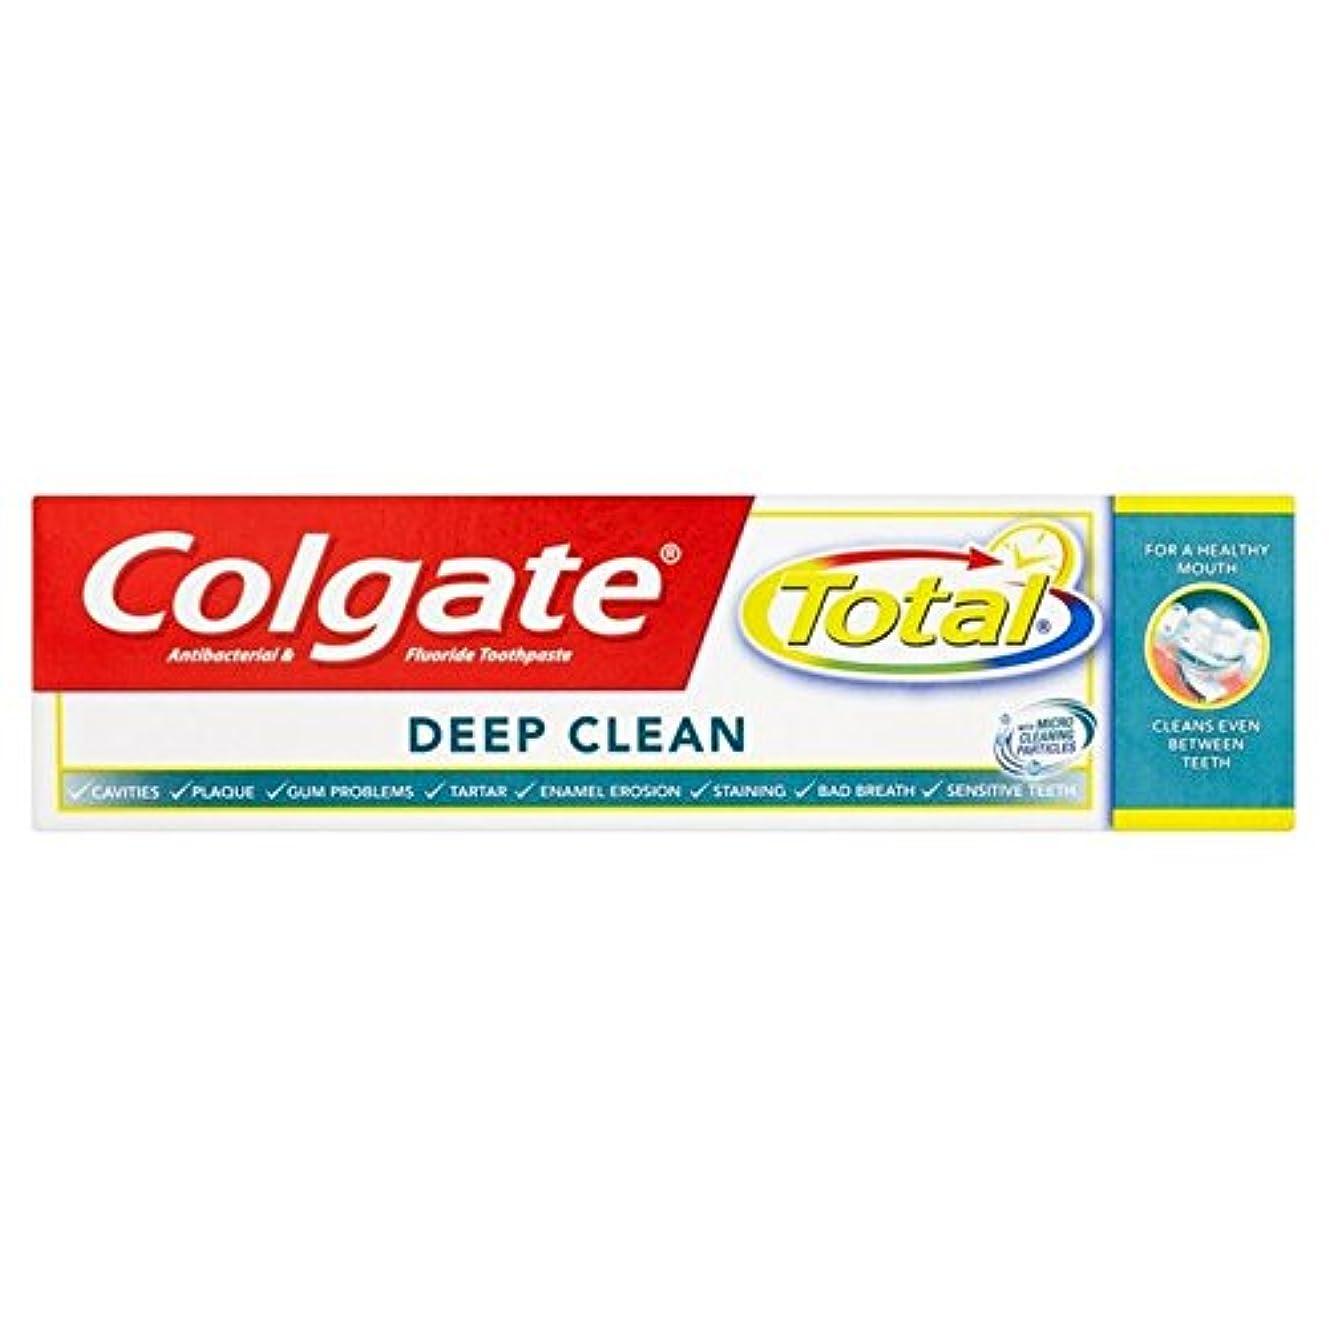 バンジージャンプ極端な回転させるコルゲートトータル深いクリーン歯磨き粉75ミリリットル x4 - Colgate Total Deep Clean Toothpaste 75ml (Pack of 4) [並行輸入品]